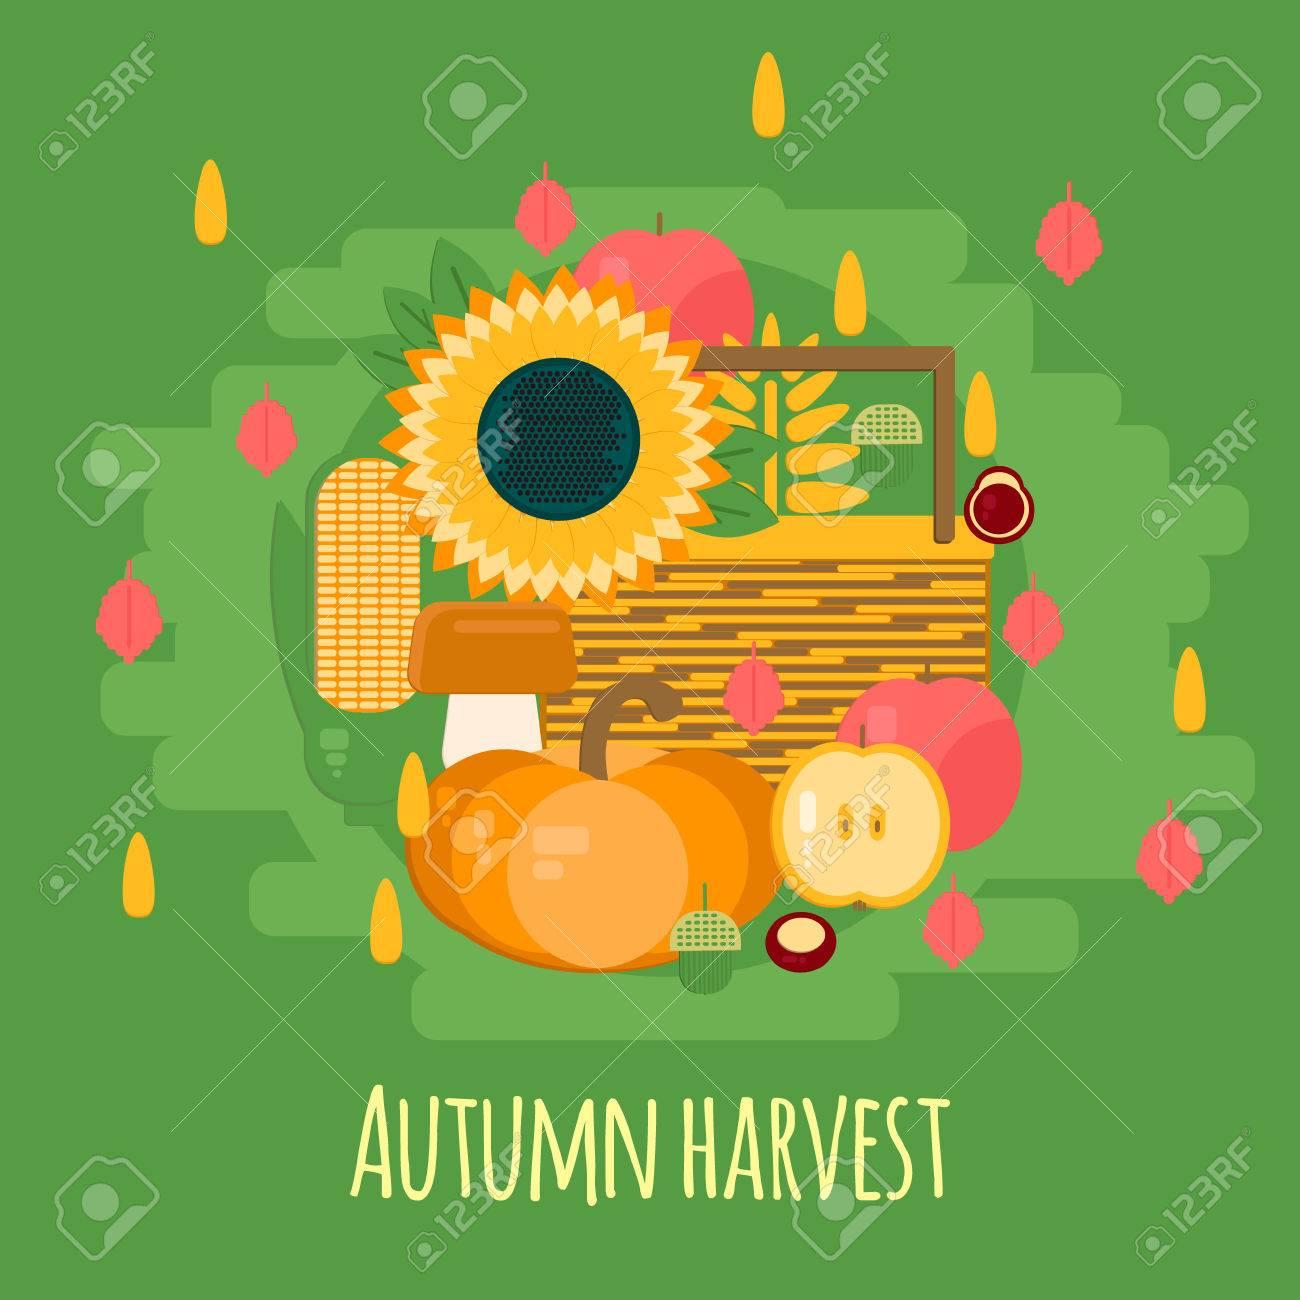 Holzkiste Mit Herbst Obst Und Gemüse. Vektor-Illustration Der Ernte ...